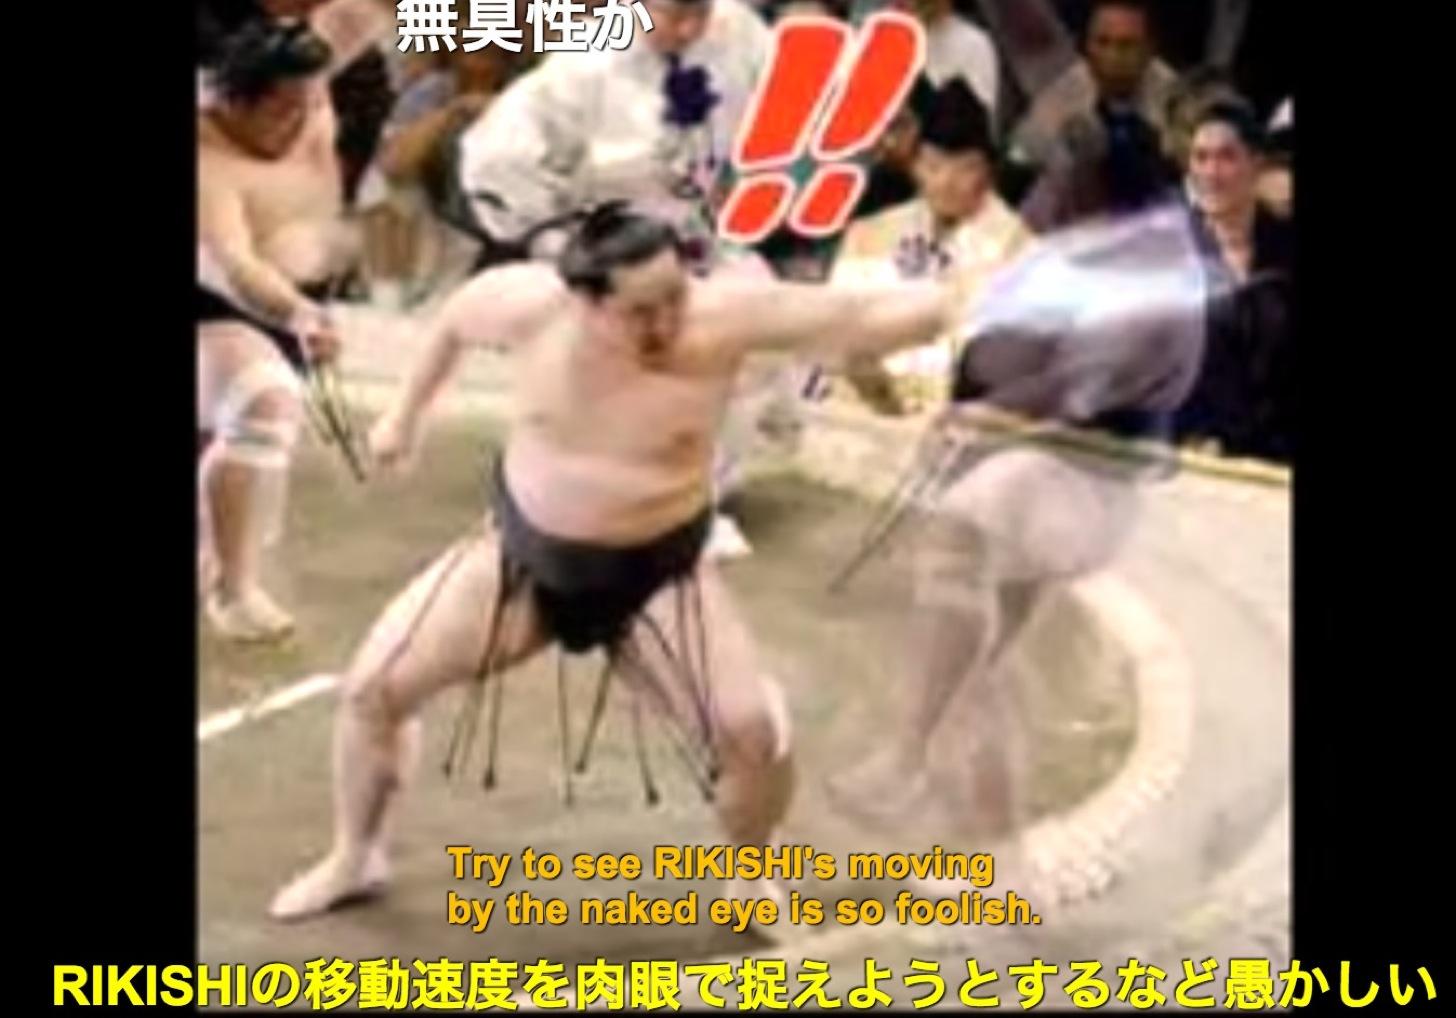 RIKISHIの移動速度を肉眼で捉えようとするなど愚かしい